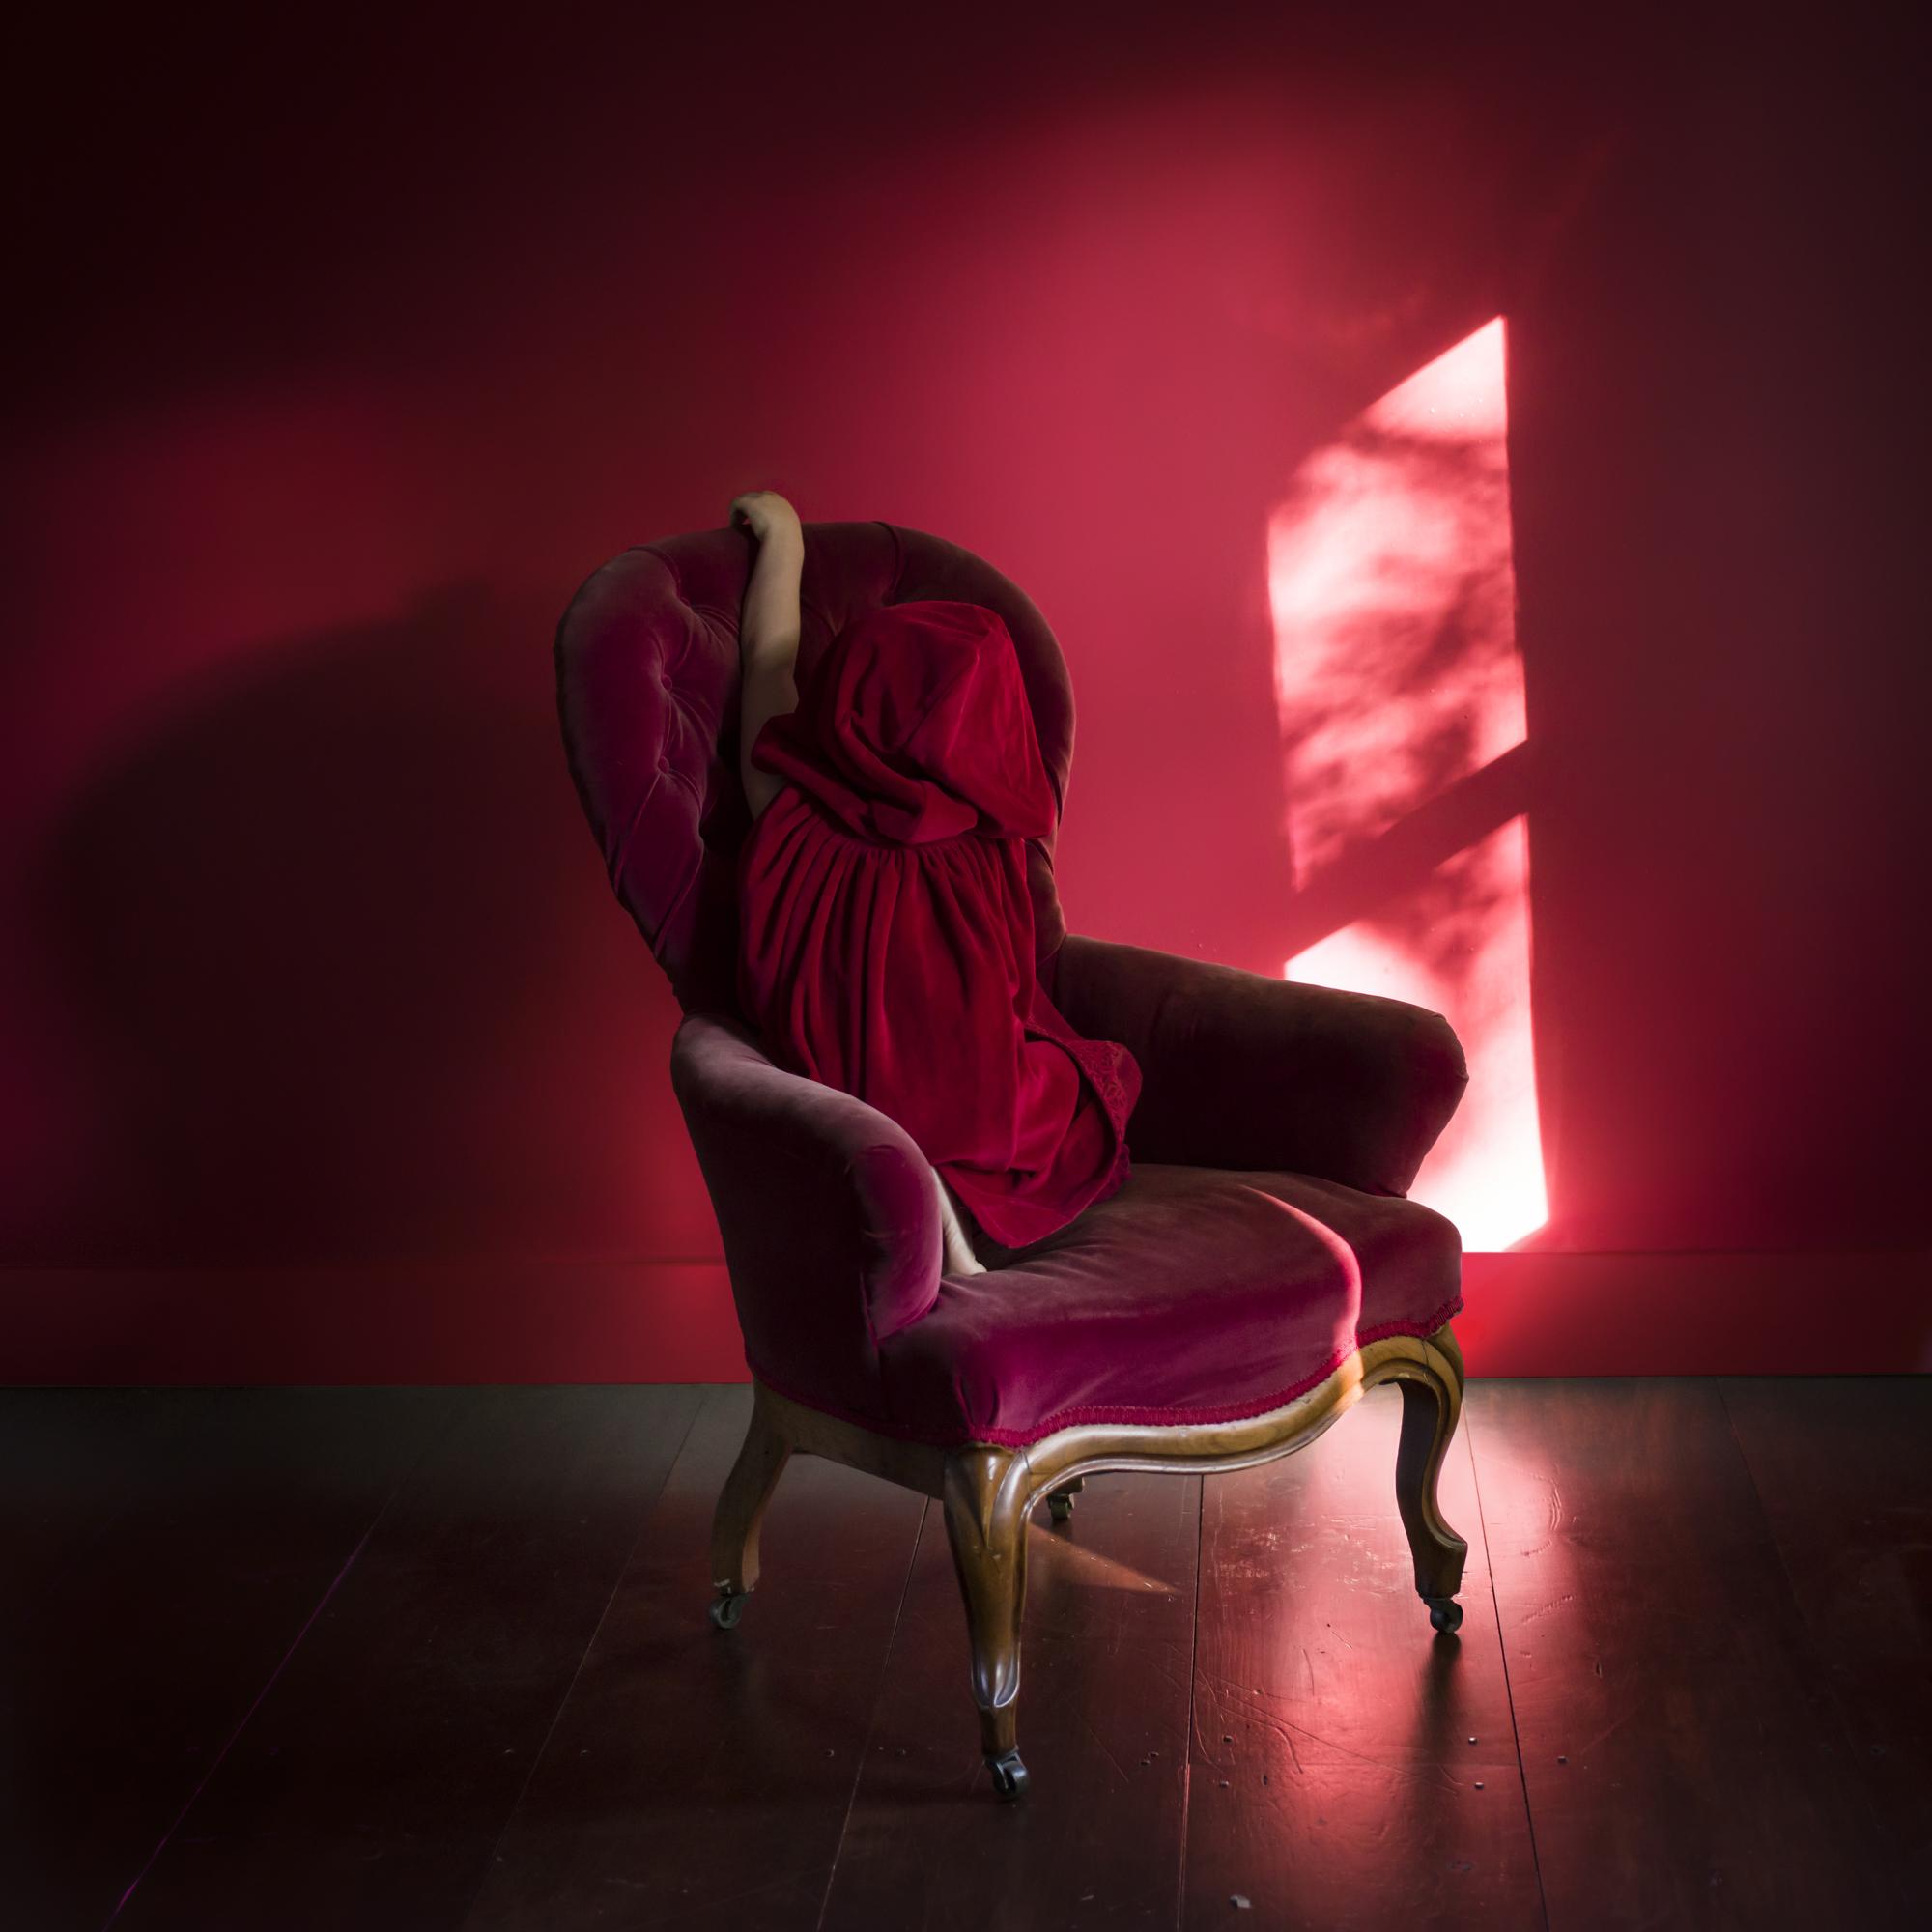 Red Cloak, 2015